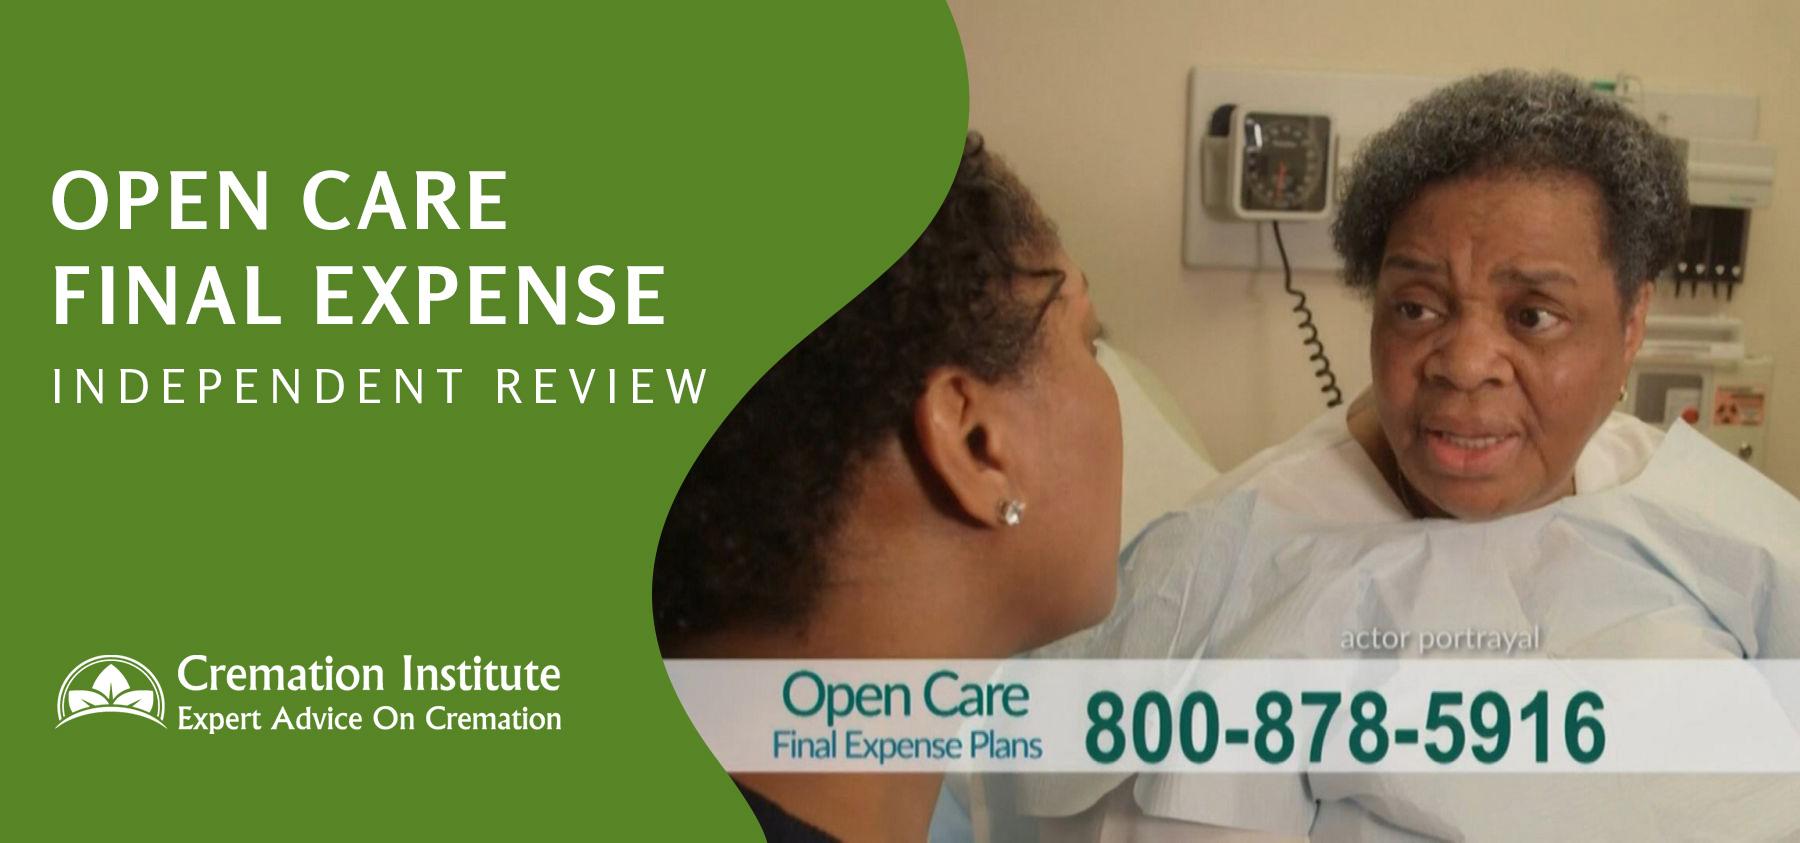 Open Care Seniors Final Expense Plans 2020 Review